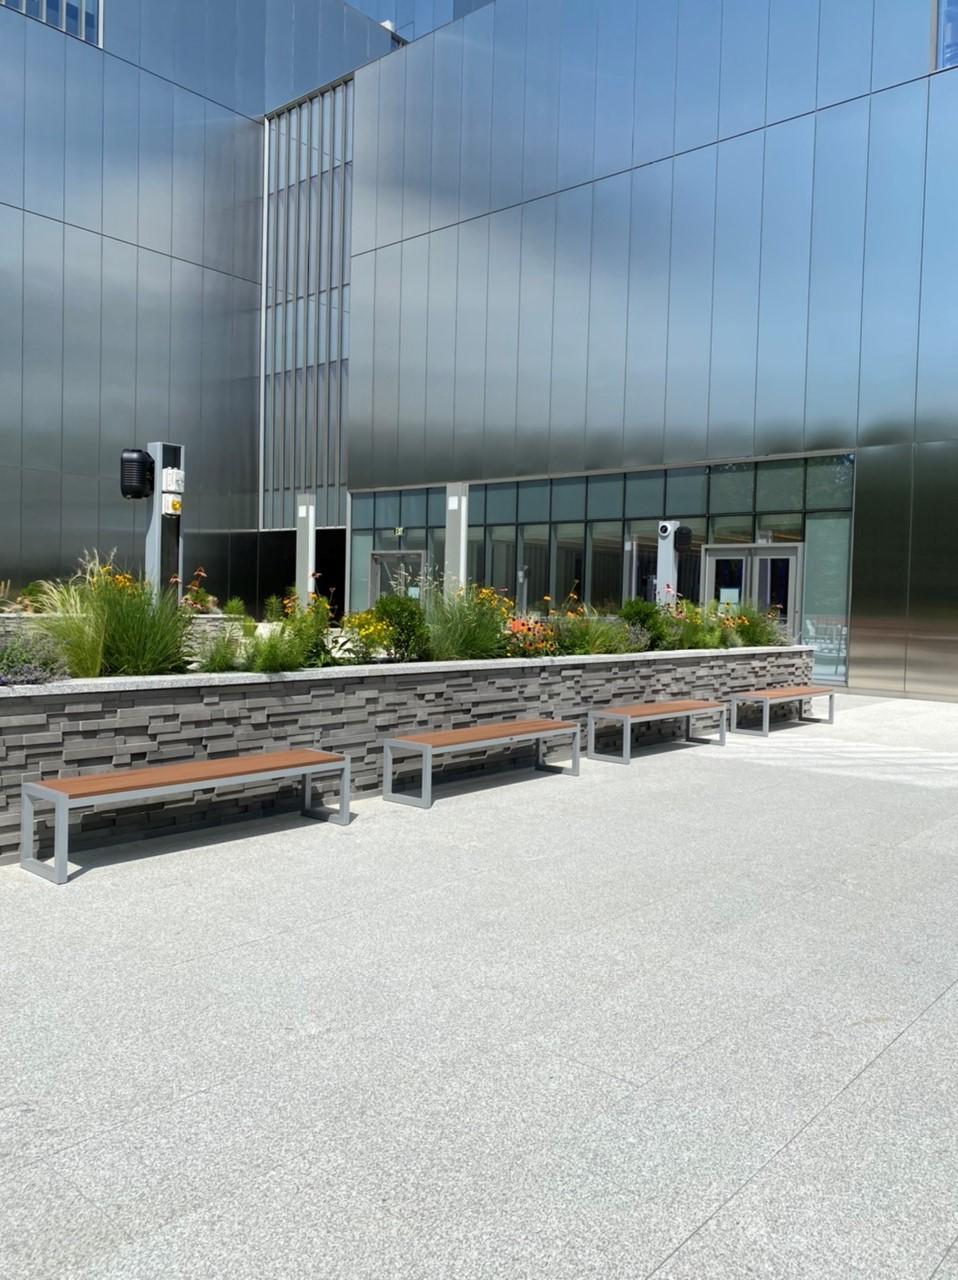 Cafe Terrace (SW Terrace) Bench